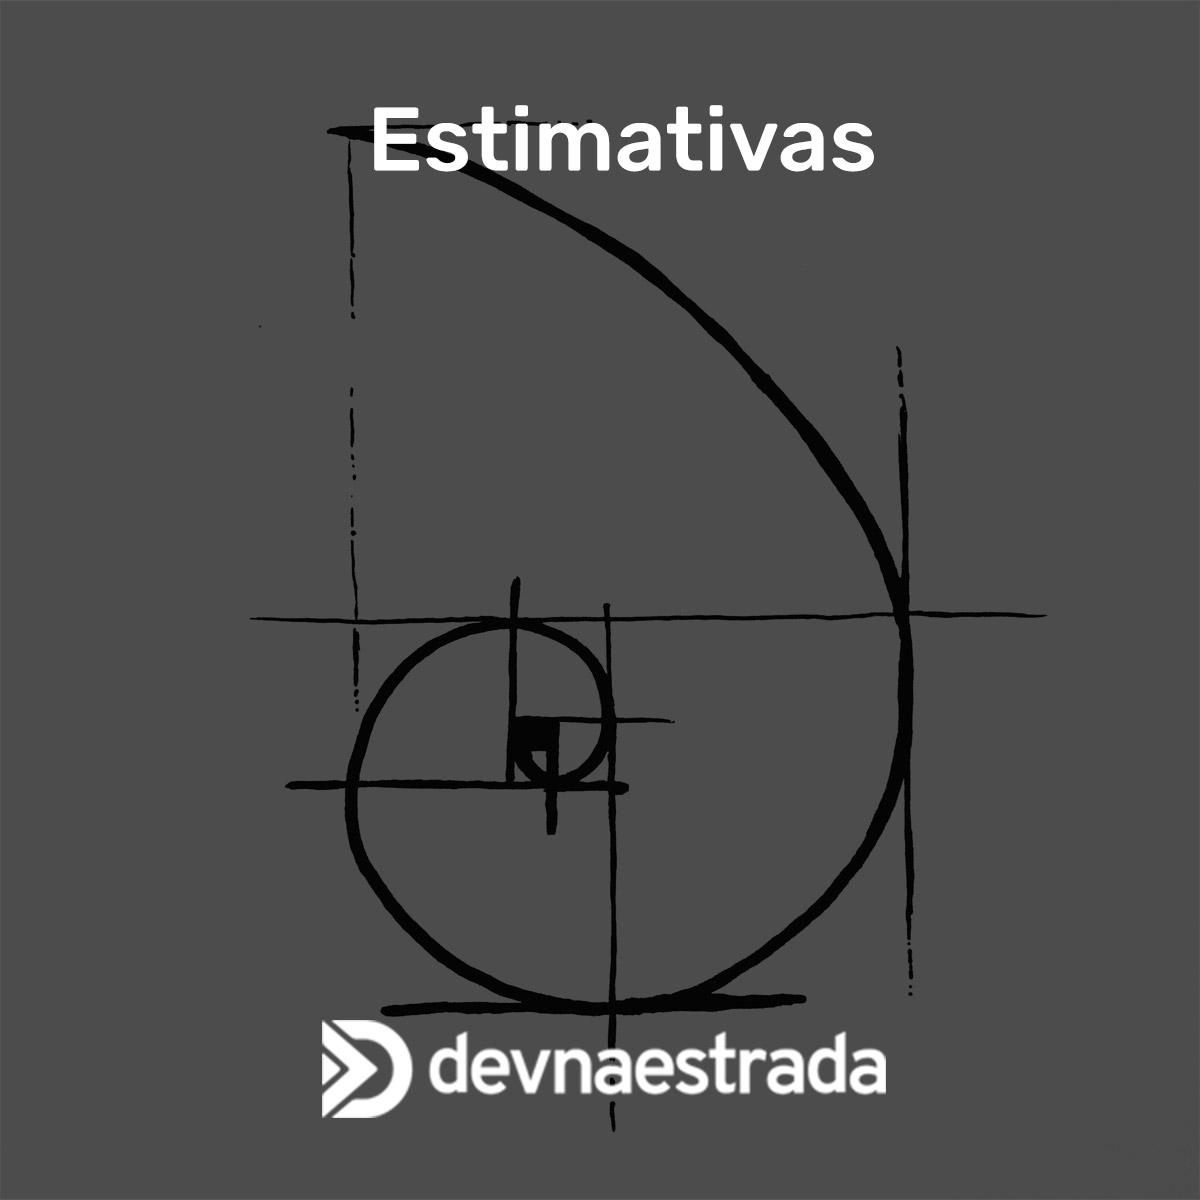 Estimativas